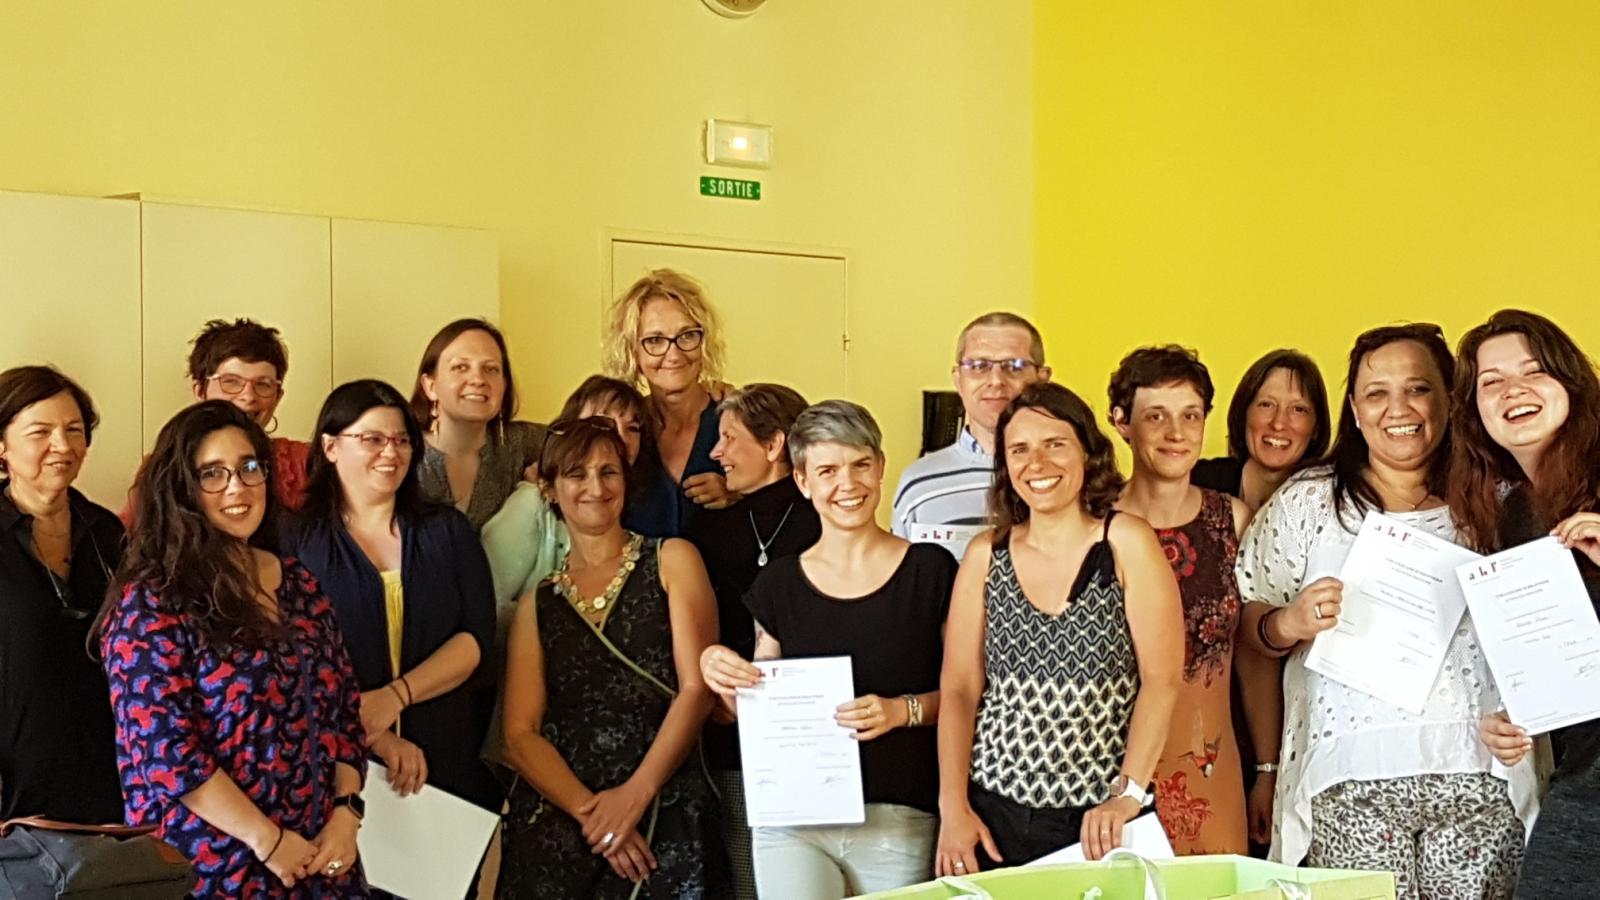 ésultats de la promotion 2018-2019 de la formation d'auxiliaire de bibliothèque Site Alsace